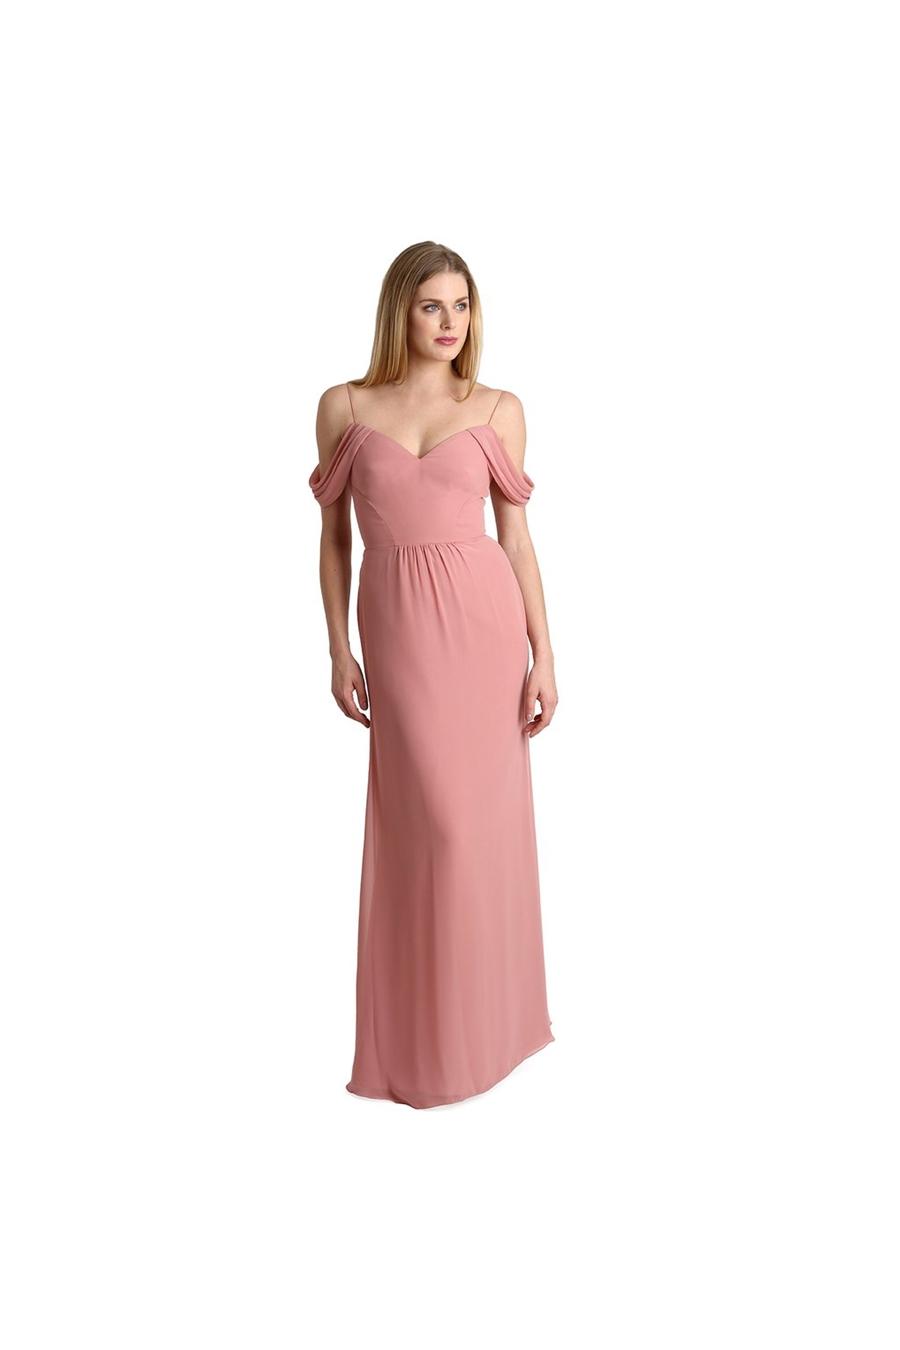 Dorable Essex Vestido De Novia Fotos - Colección de Vestidos de Boda ...